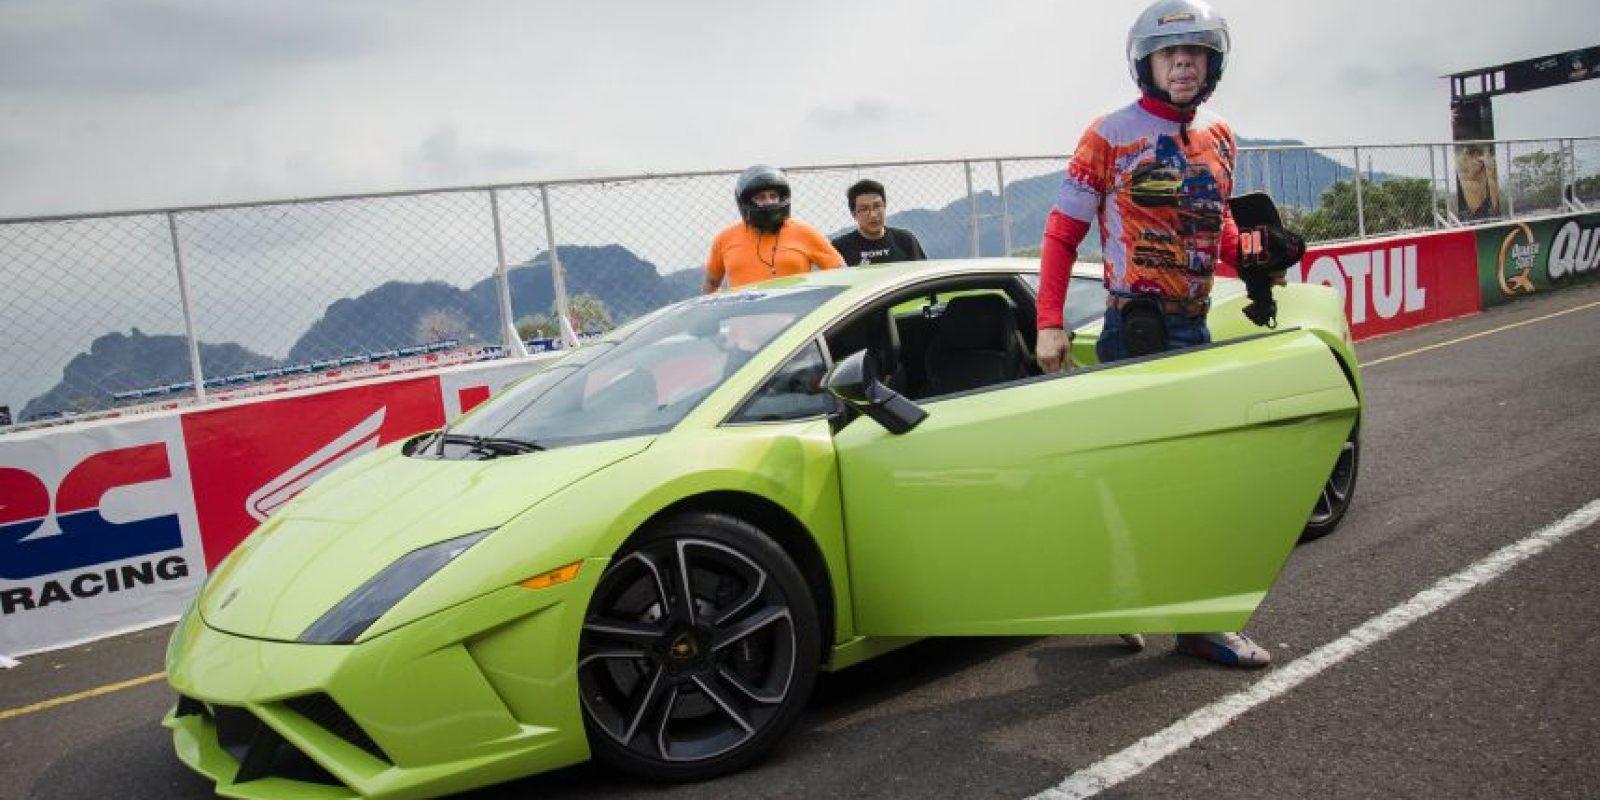 No dejes pasar esta gran oportunidad, consigue tus entradas y siente qué es conducir estos automóviles de hasta 545 caballos de fuerza Foto:Luis Carlos Nájera